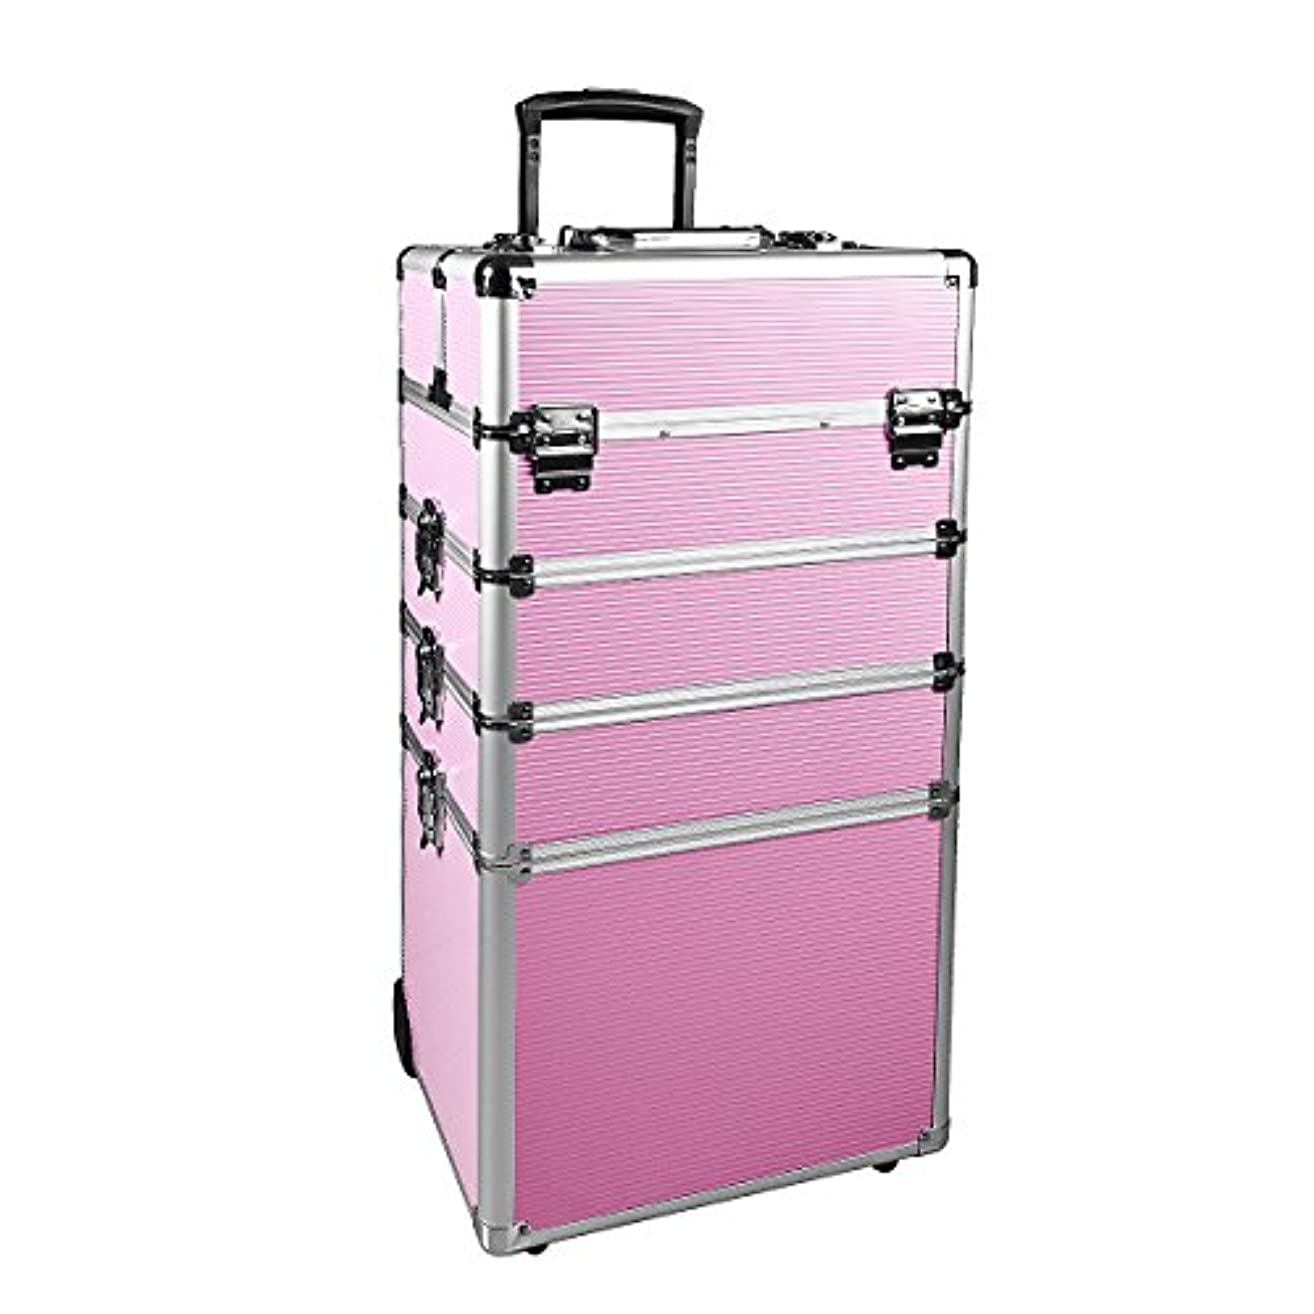 太い帰る研究NHSM 1つ プロ 化粧品ローリング主催 アルミフレームと折りたたみトレイで化粧列車 ケース4 ピンク